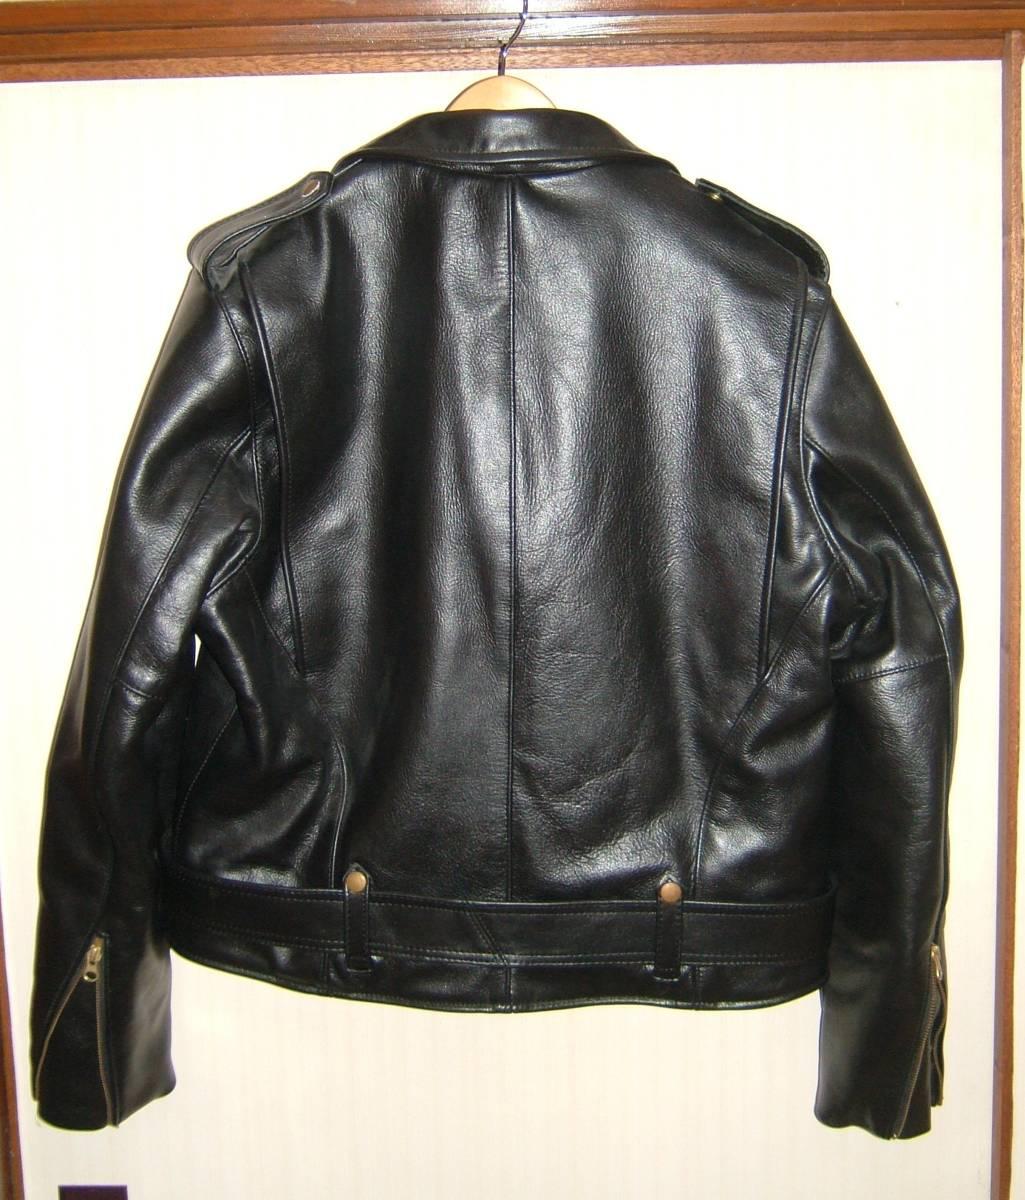 中古 Vanson バンソン C2 ダブルライダース レザージャケット 44 カウハイド ブラック 黒 牛革 革ジャン ジャンパー MADE IN USA 米国製_画像3